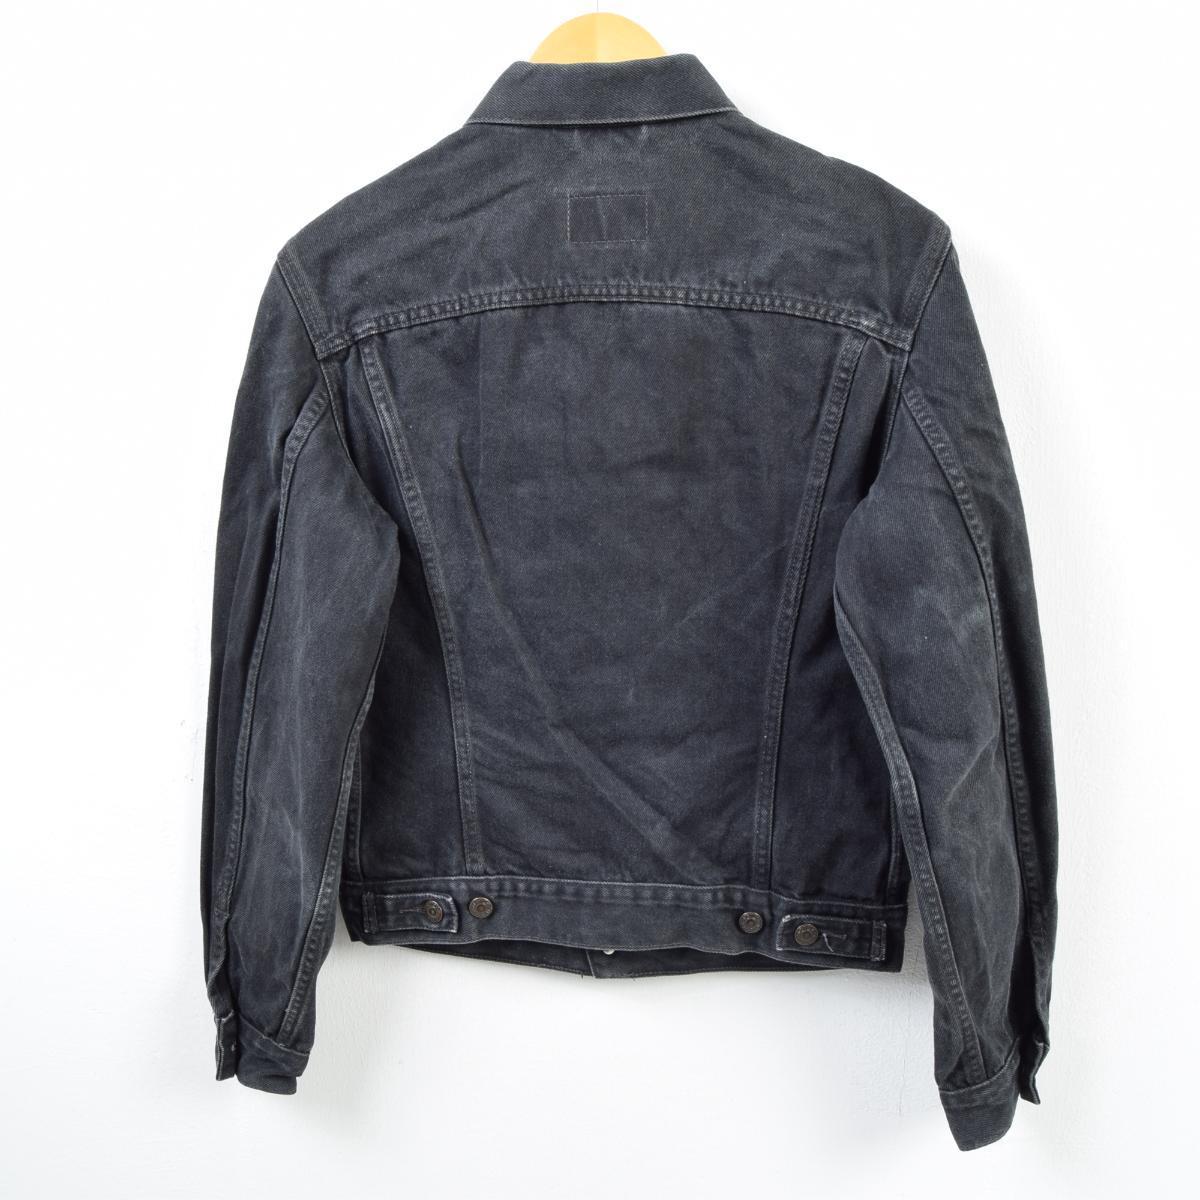 6084fdb7a16f ... 90s Levis Levi's FOR WOMEN black denim jacket G Jean Lady's L /wba5118  ...